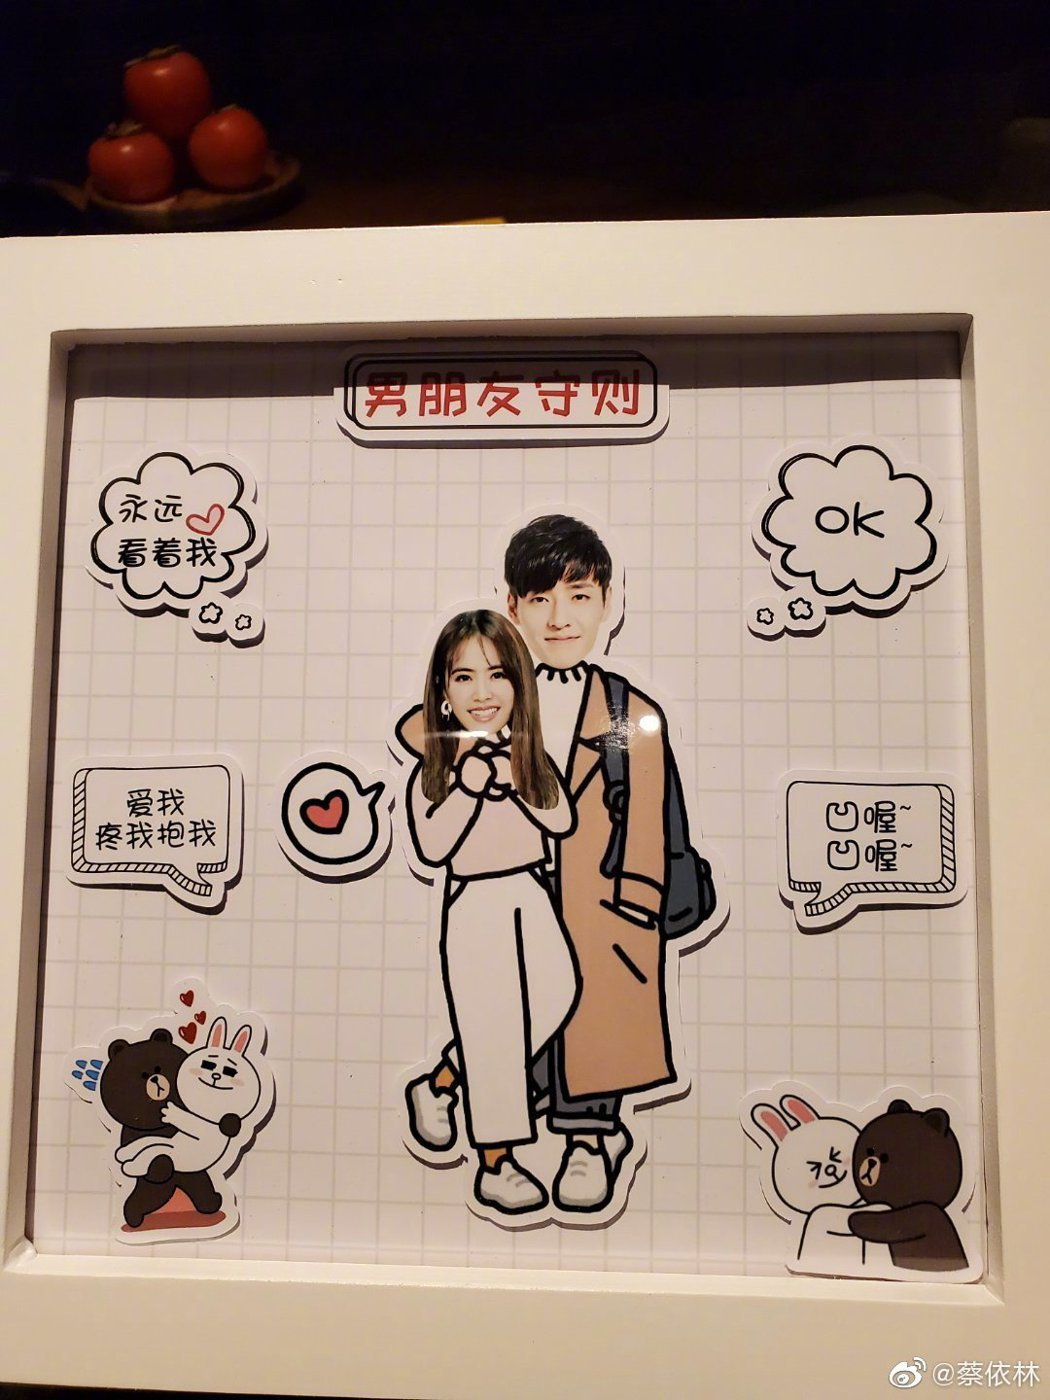 蔡依林最近迷上韓星姜河那,粉絲製作兩人合照。 圖/擷自蔡依林微博